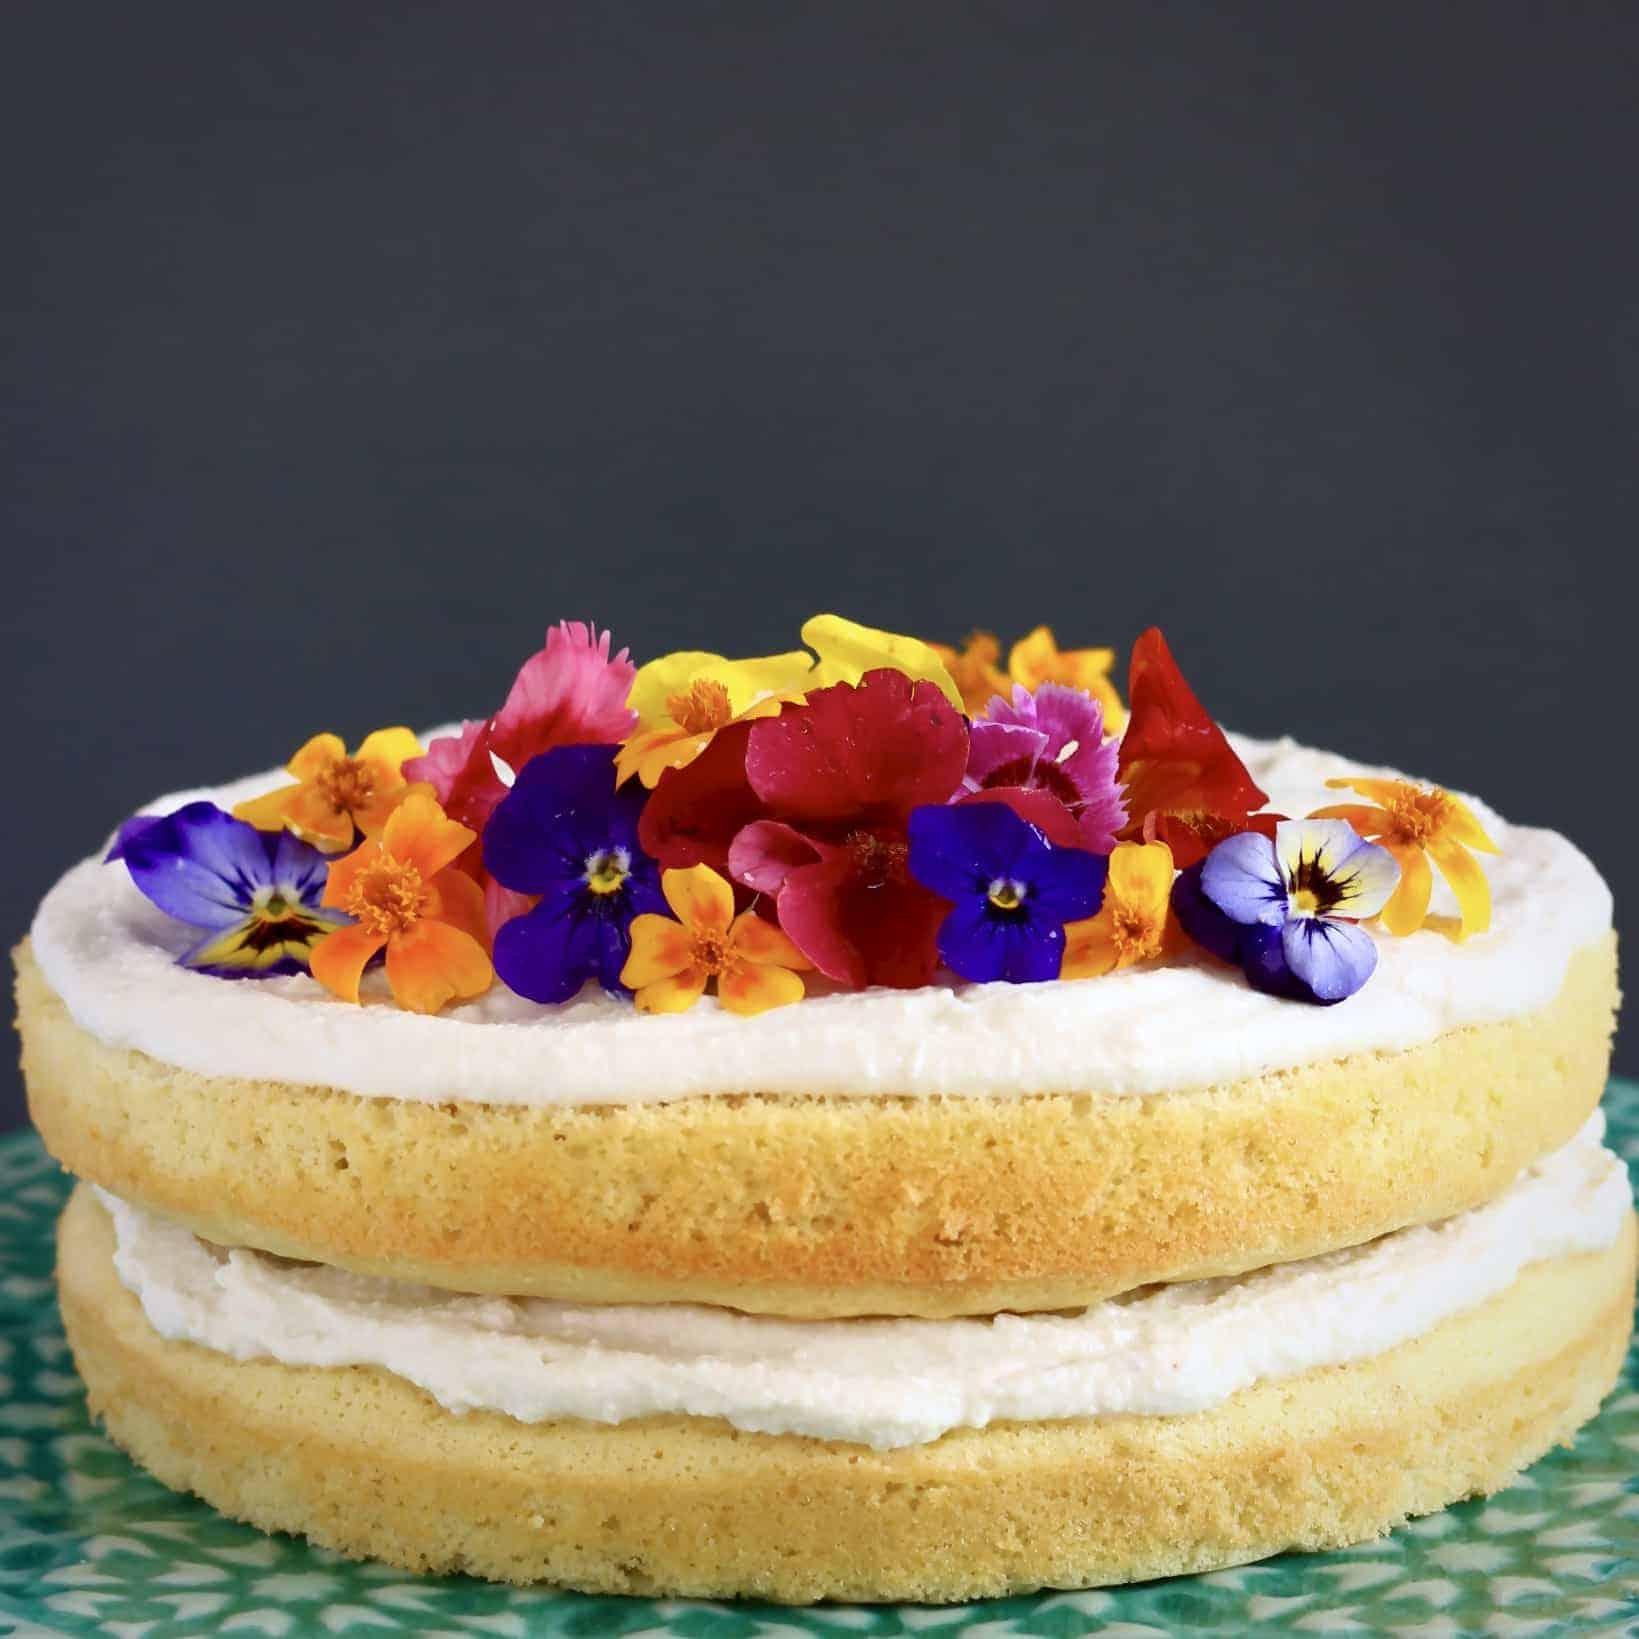 Gluten-Free Vegan White Chocolate Lemon Cake